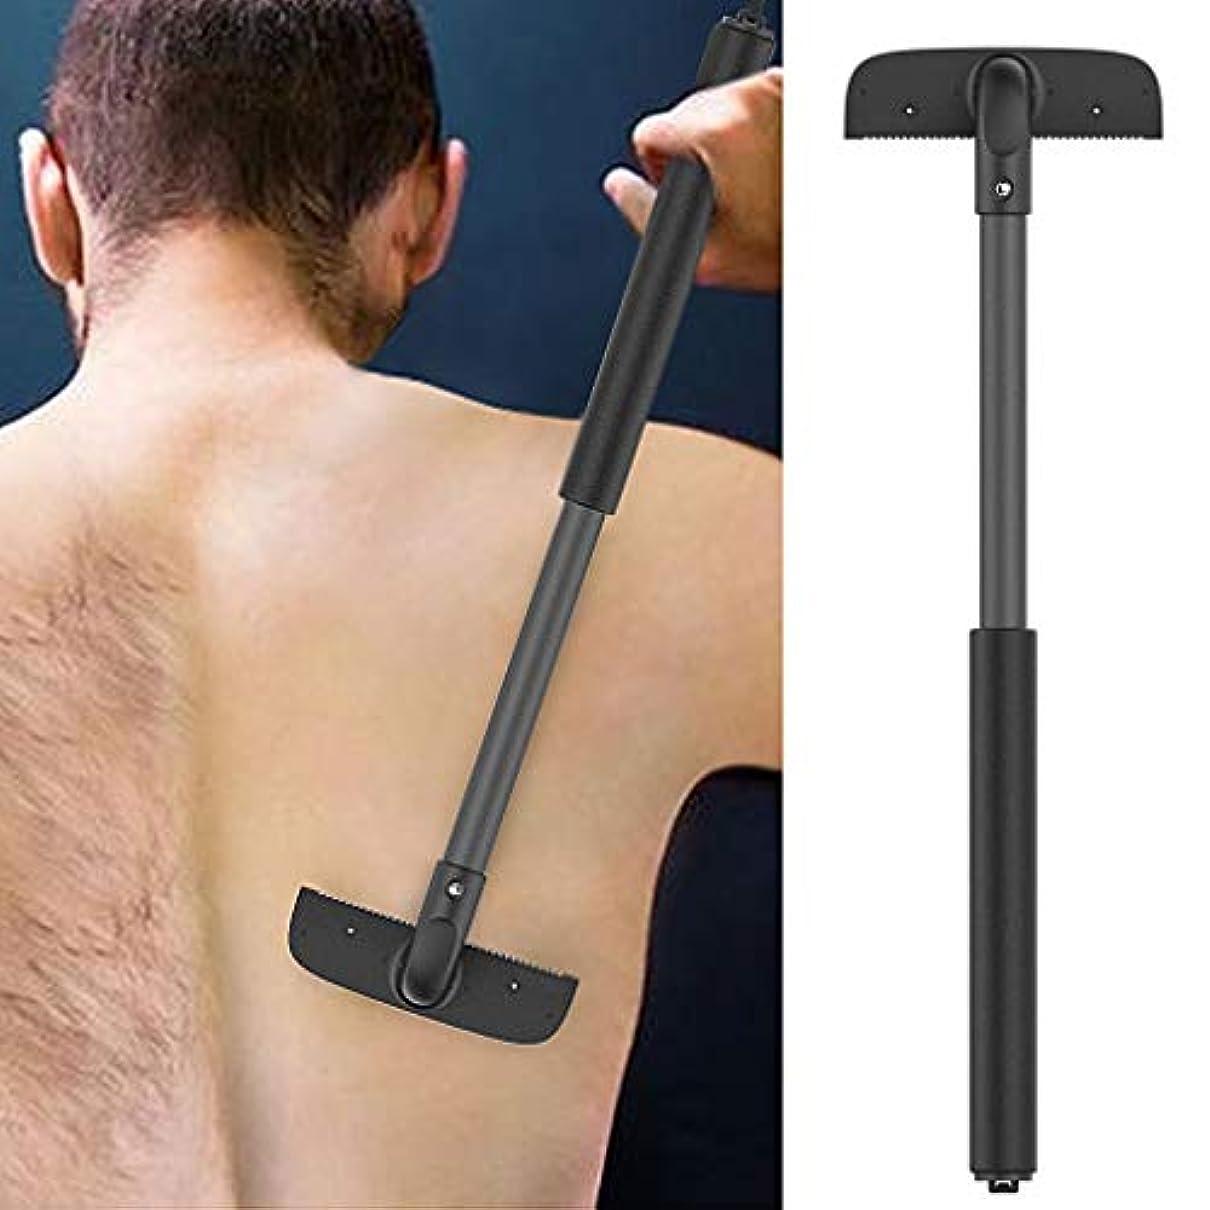 レイアまで側Back Hair Removal And Body Shaver、バックヘアとボディシェーバー、男性のための剃刀、調節可能なハンドル、伸縮可能なトリマー剃刀脱毛装置 除毛 ムダ毛処理